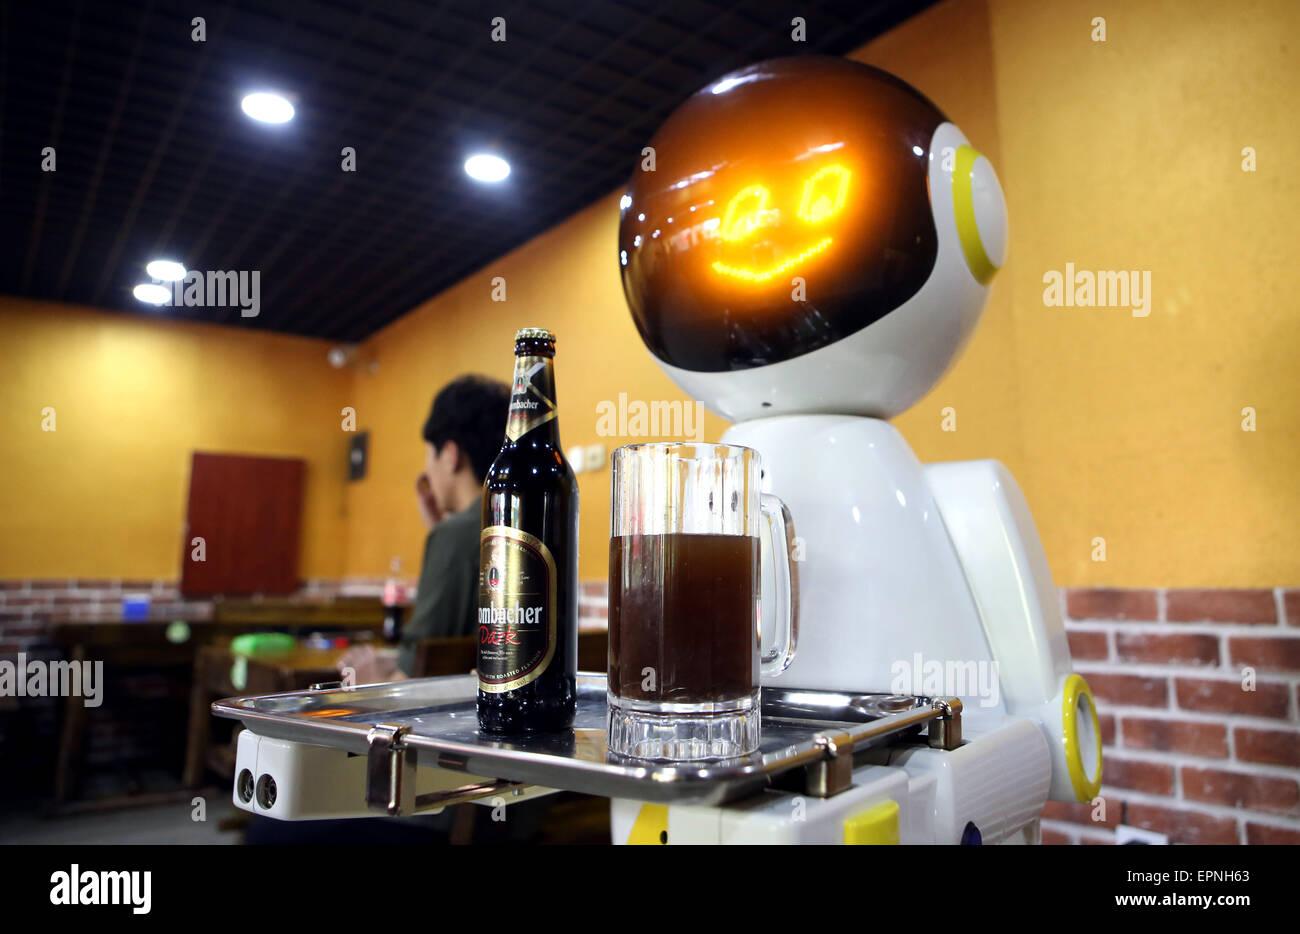 Shenyang, province de Liaoning en Chine. 20 mai, 2015. Un robot sert de la bière dans un restaurant à Shenyang, Banque D'Images